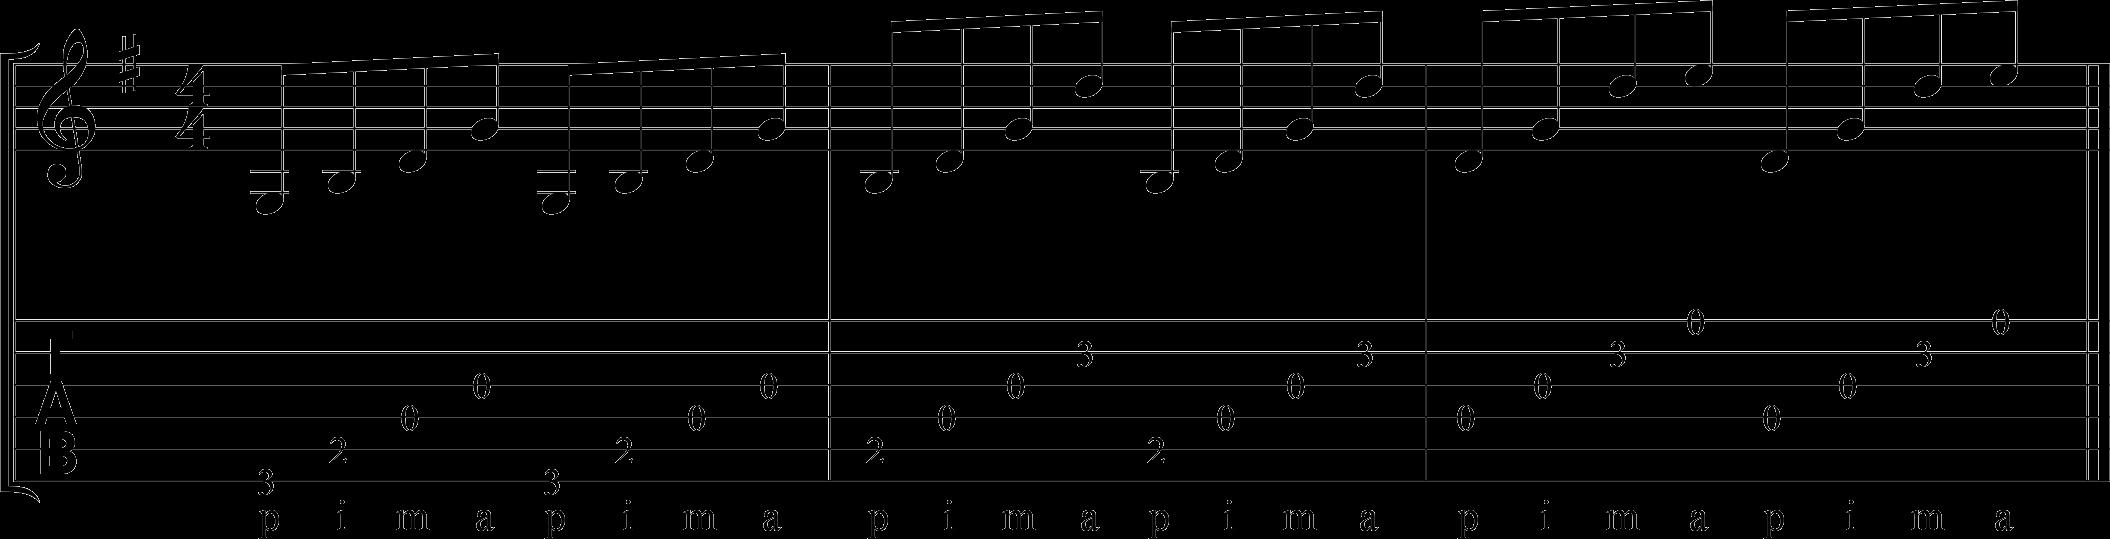 Fingerstyle Beginner Lesson Hub Guitar